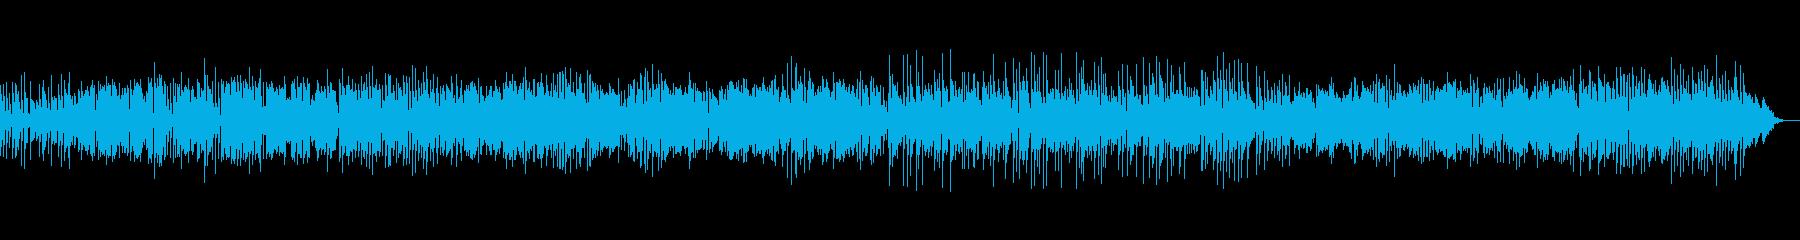 サックスの明るく軽快なボサノバジャズの再生済みの波形